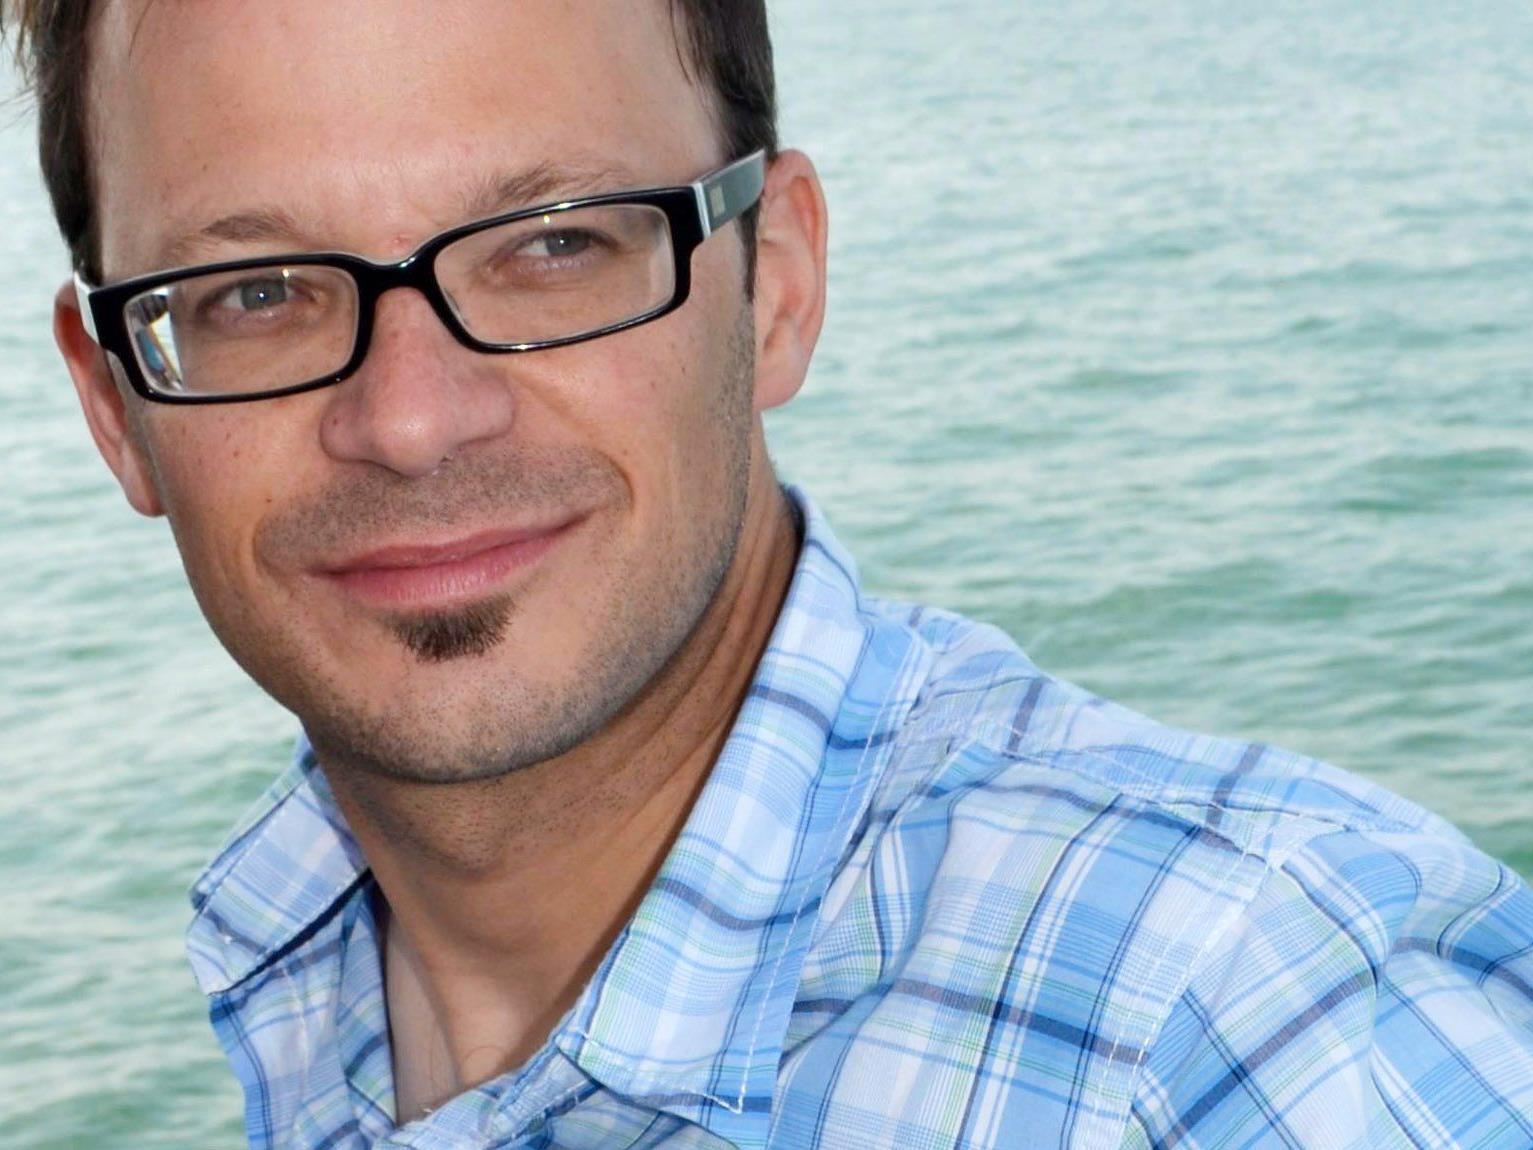 Der erfahrene Verwaltungsjurist Dr. Martin Vergeiner ist neuer Amtsleiter ider Martkgemeinde Hard